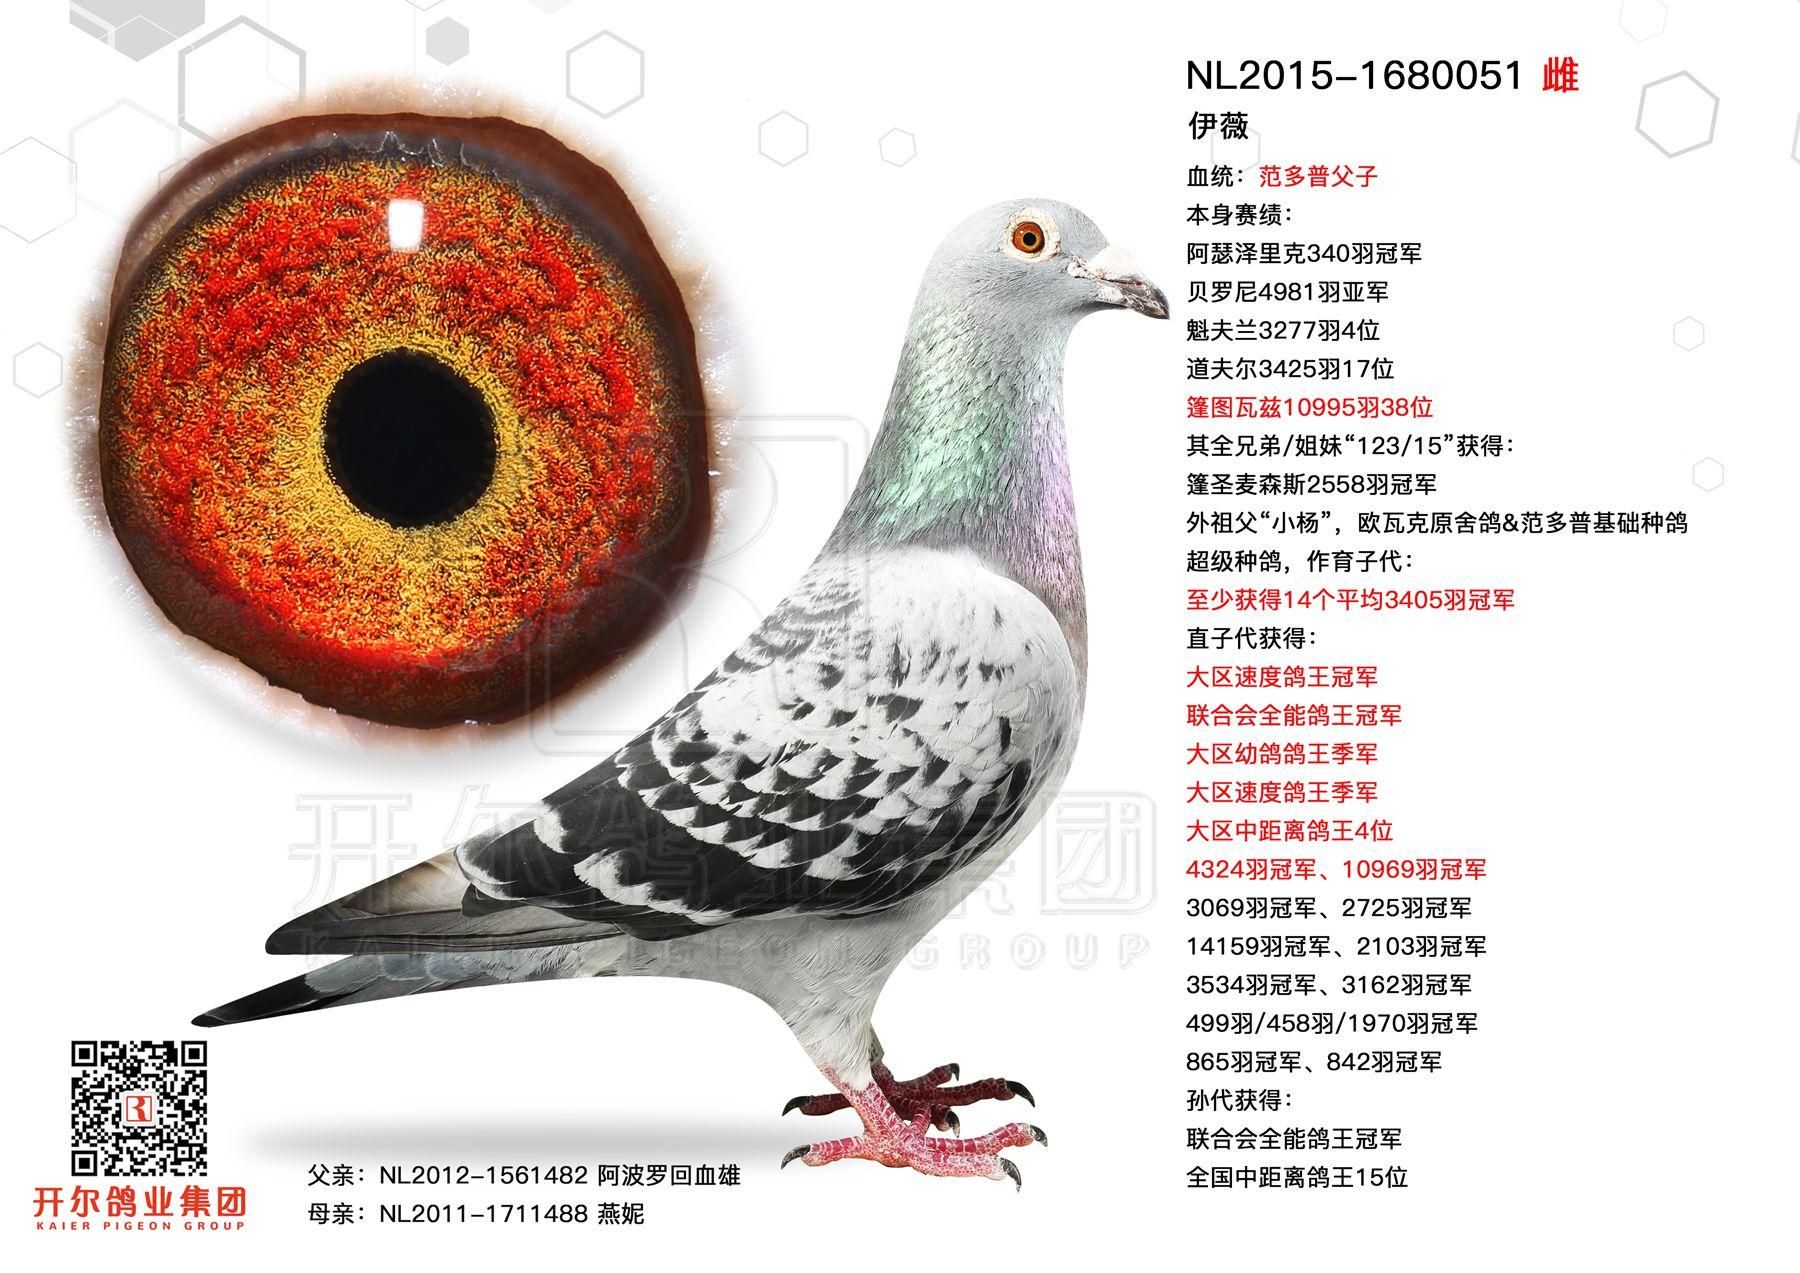 【伊薇】贝罗尼4981羽亚军